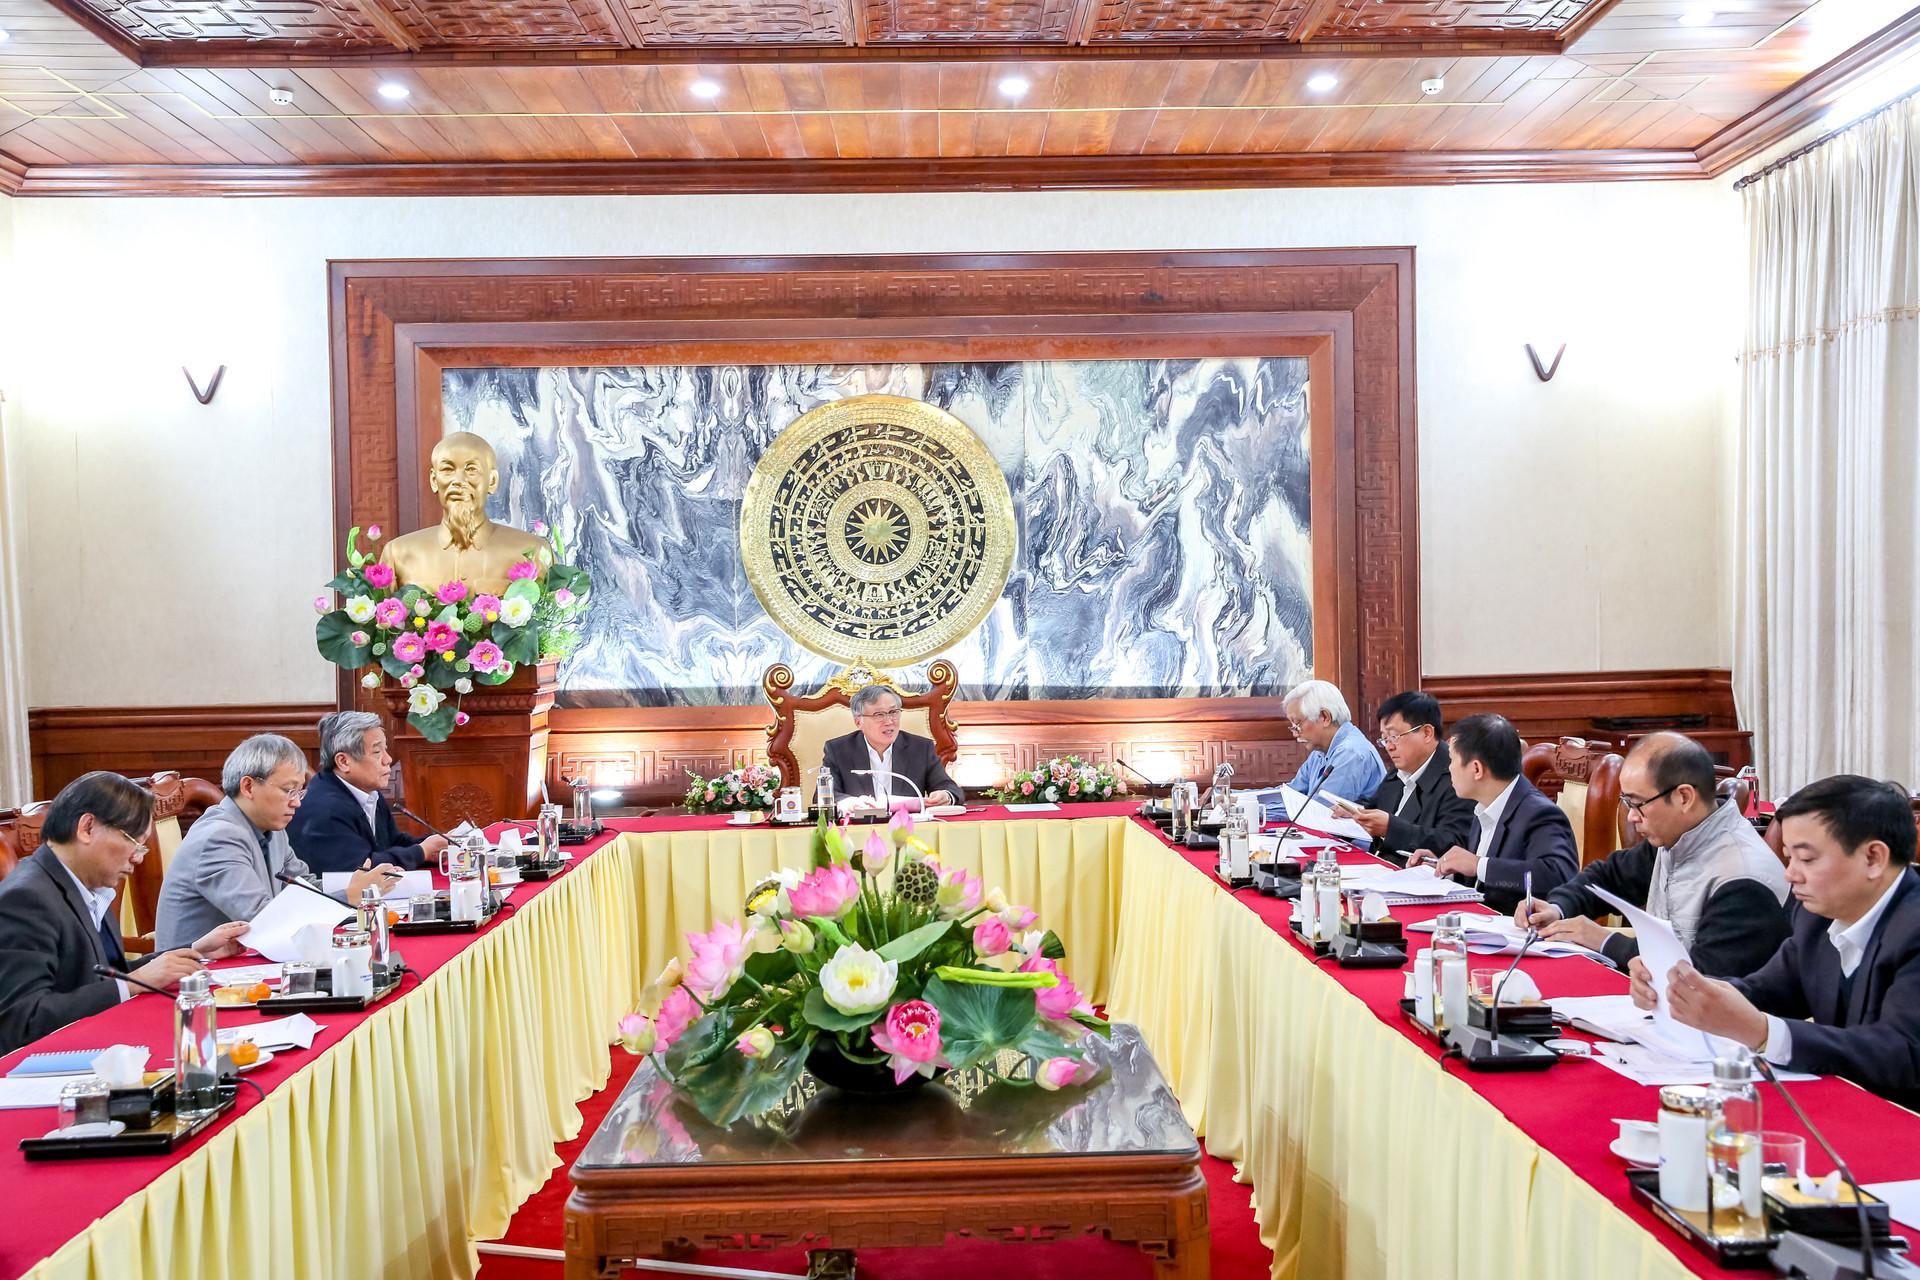 Lựa chọn nhân vật tiêu biểu trong hoạt động xét xử của Việt Nam